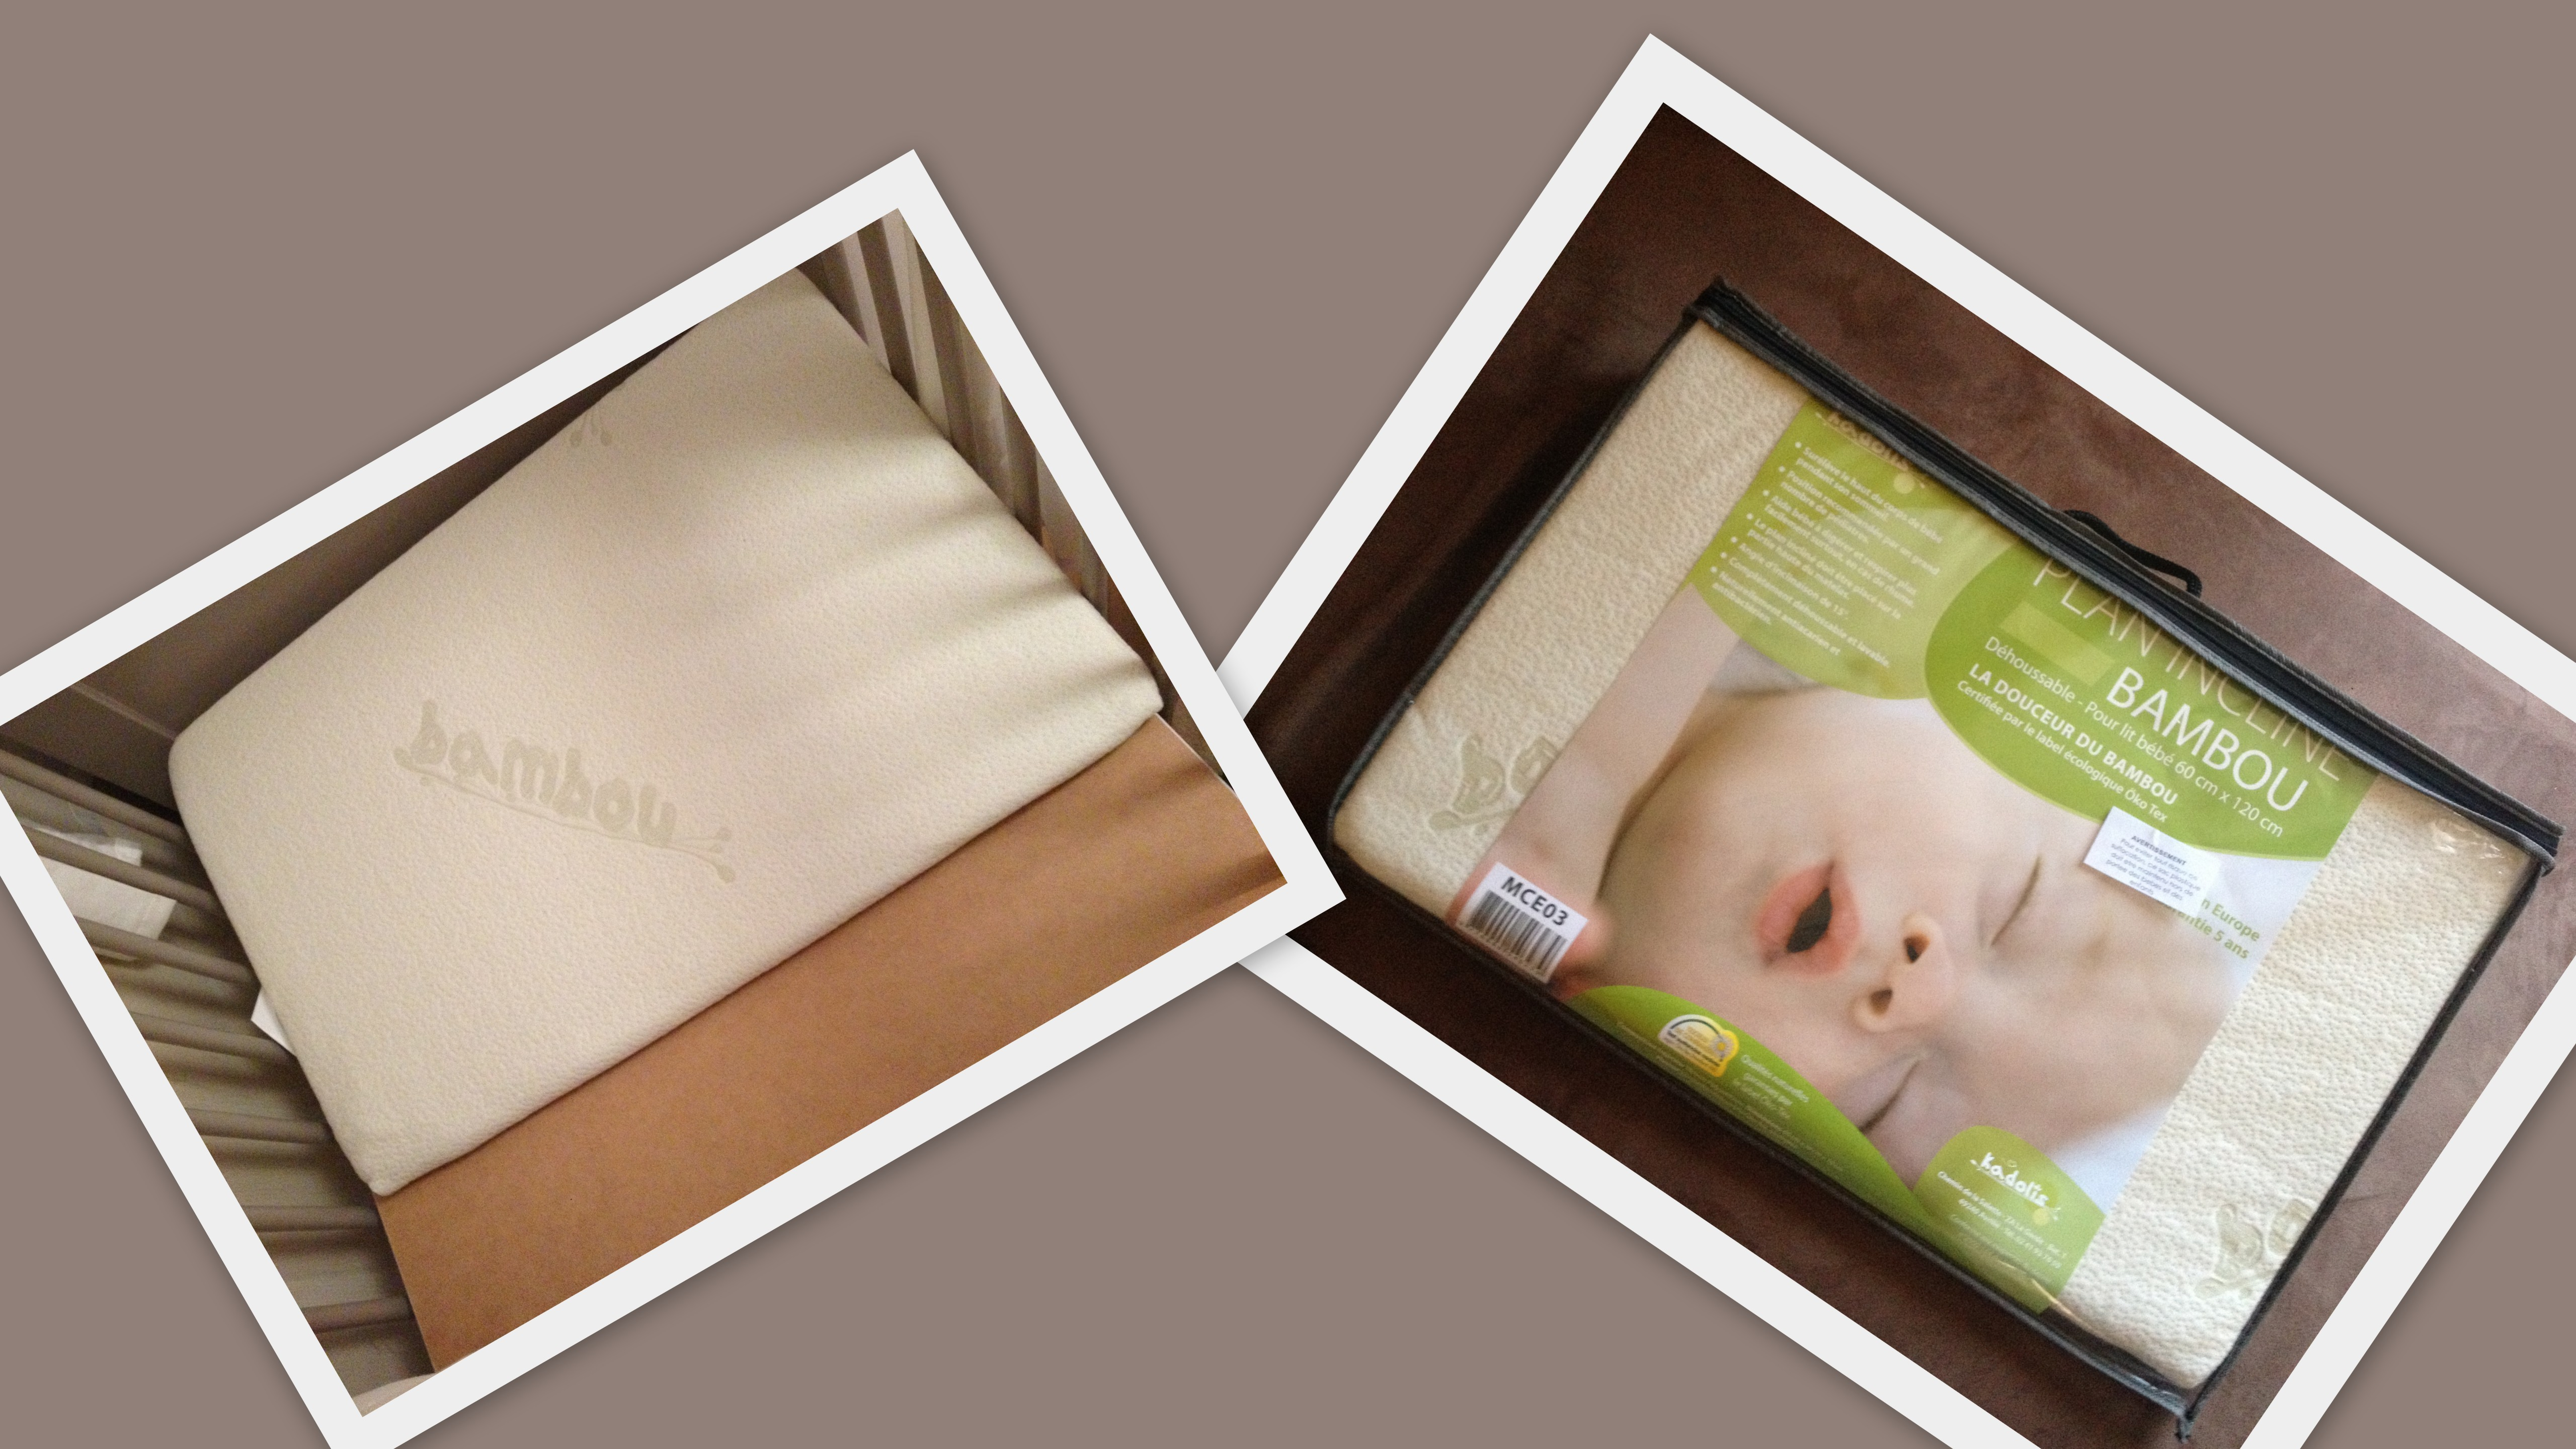 le plan inclin en bambou de kadolis test et adopt chroniques d 39 une maman en cdi. Black Bedroom Furniture Sets. Home Design Ideas